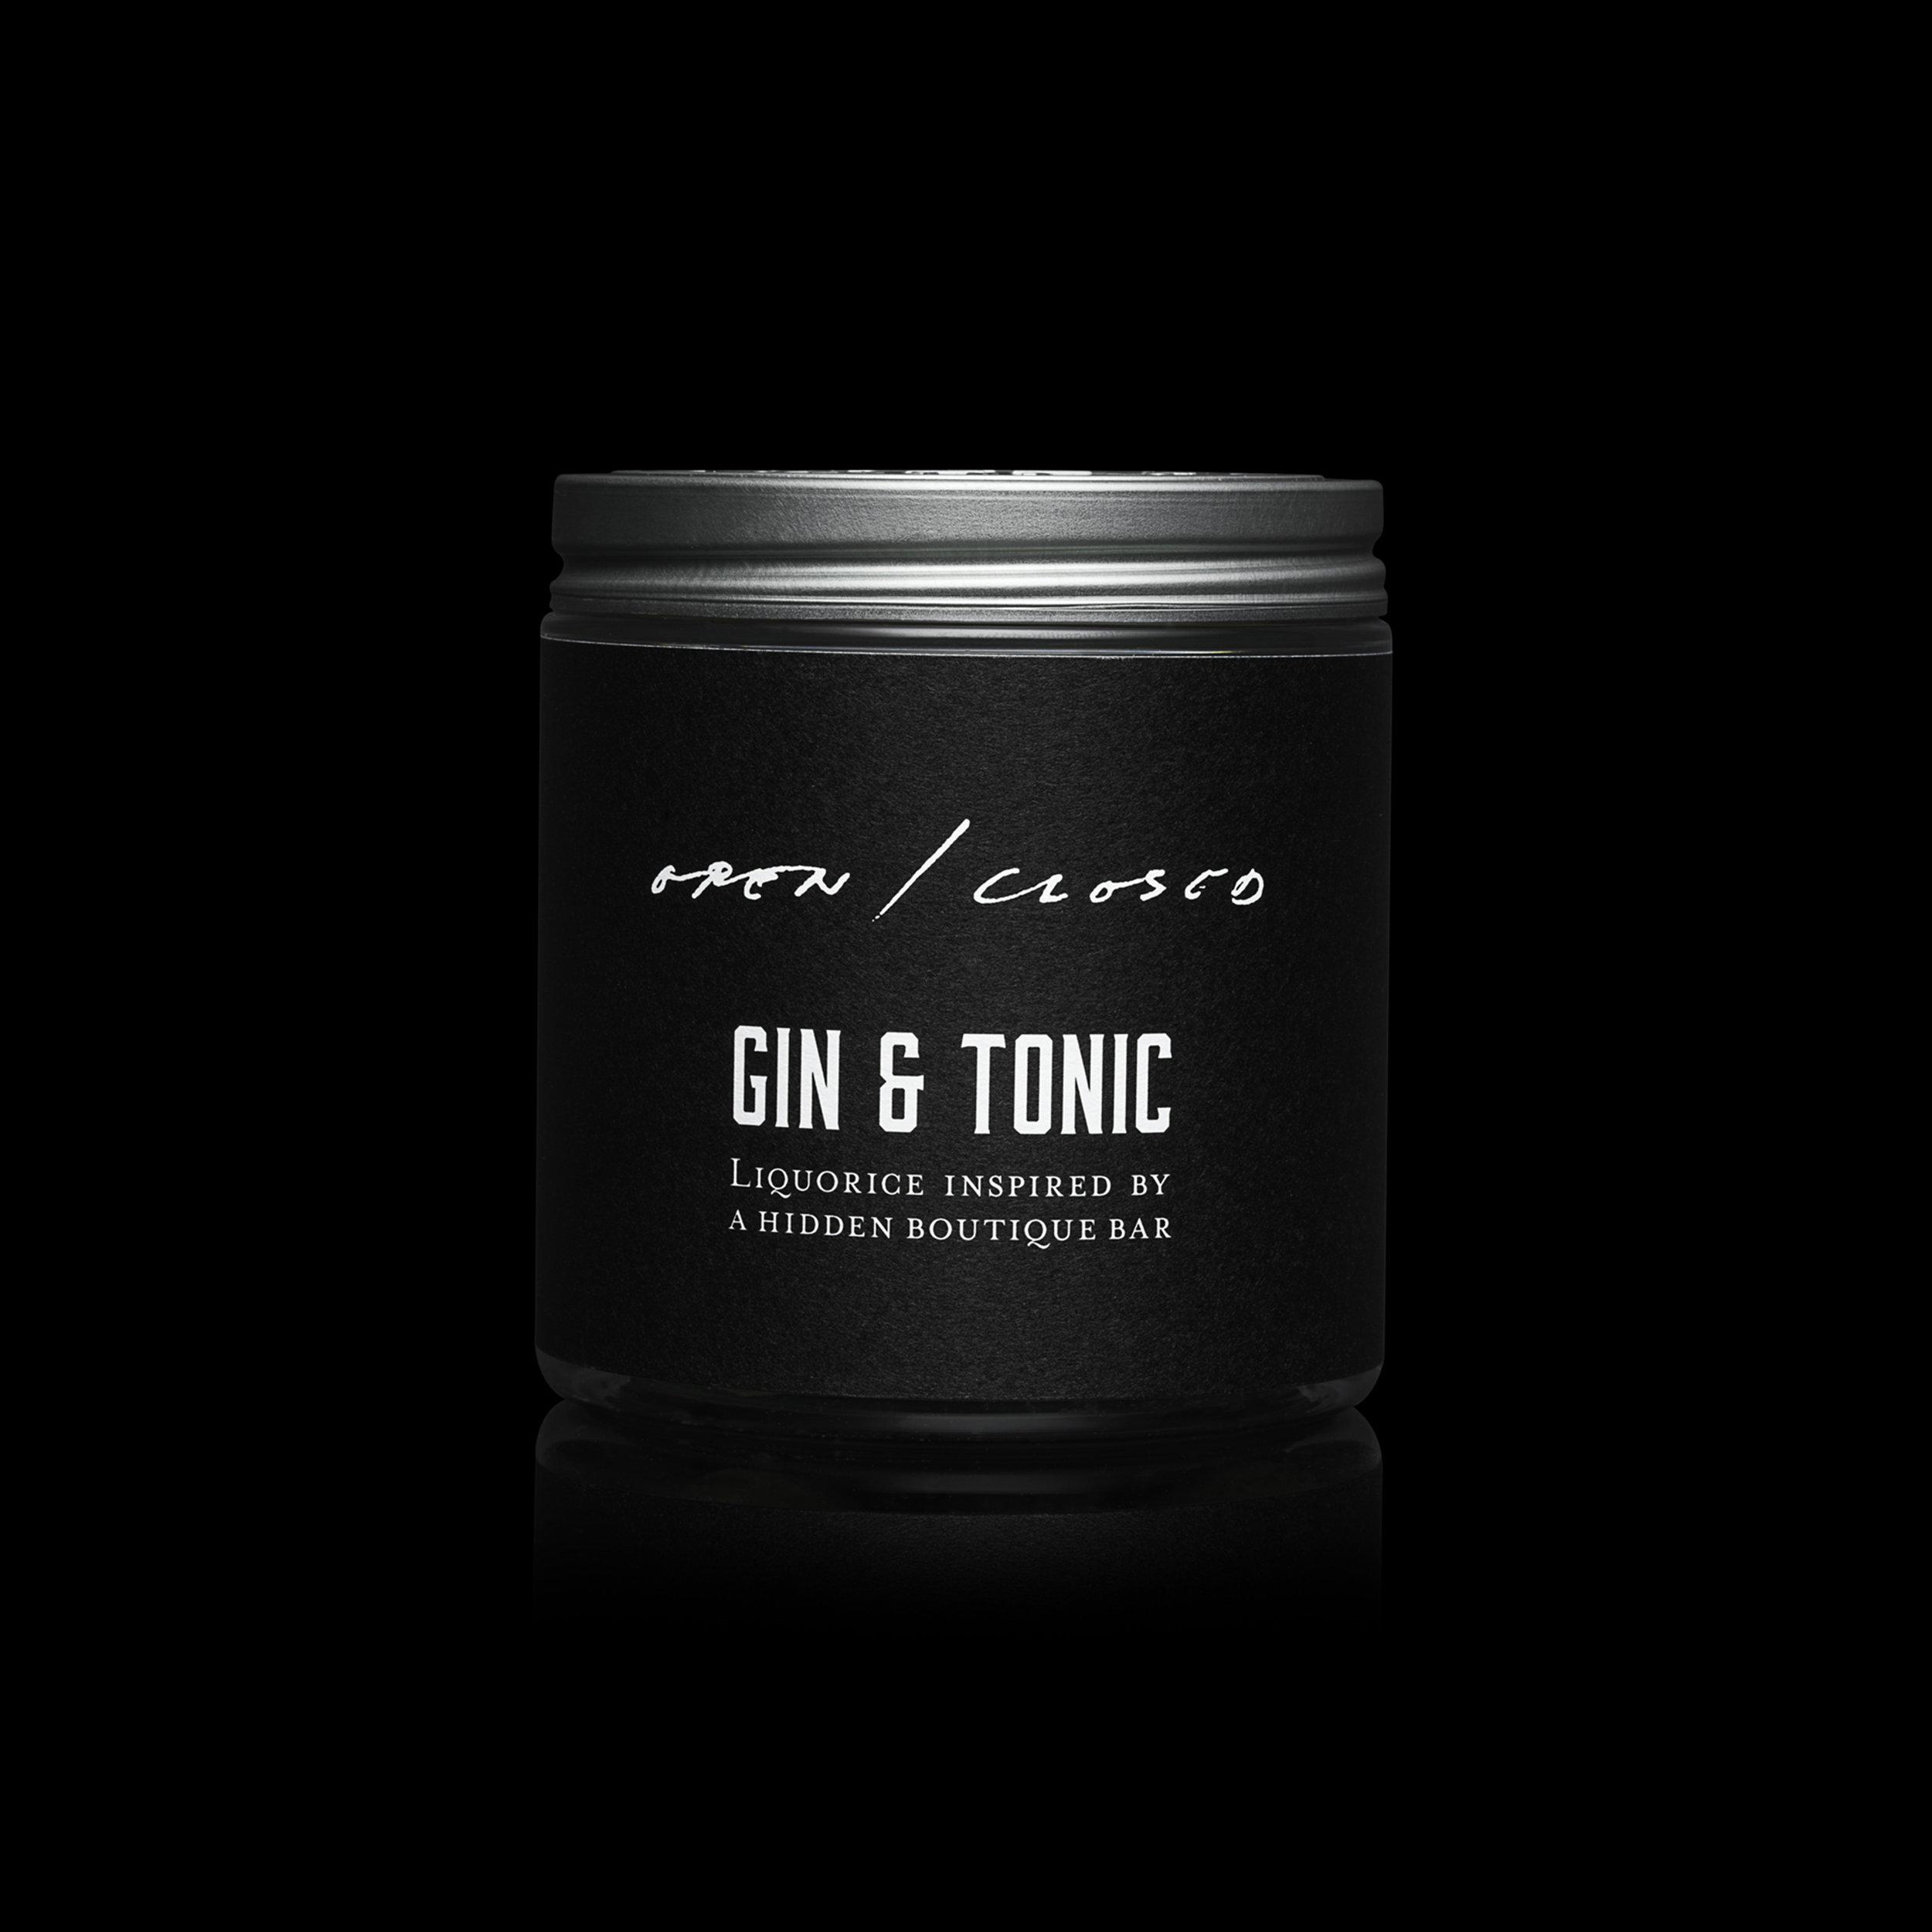 haupt-gin-tonic-1-sq.jpg